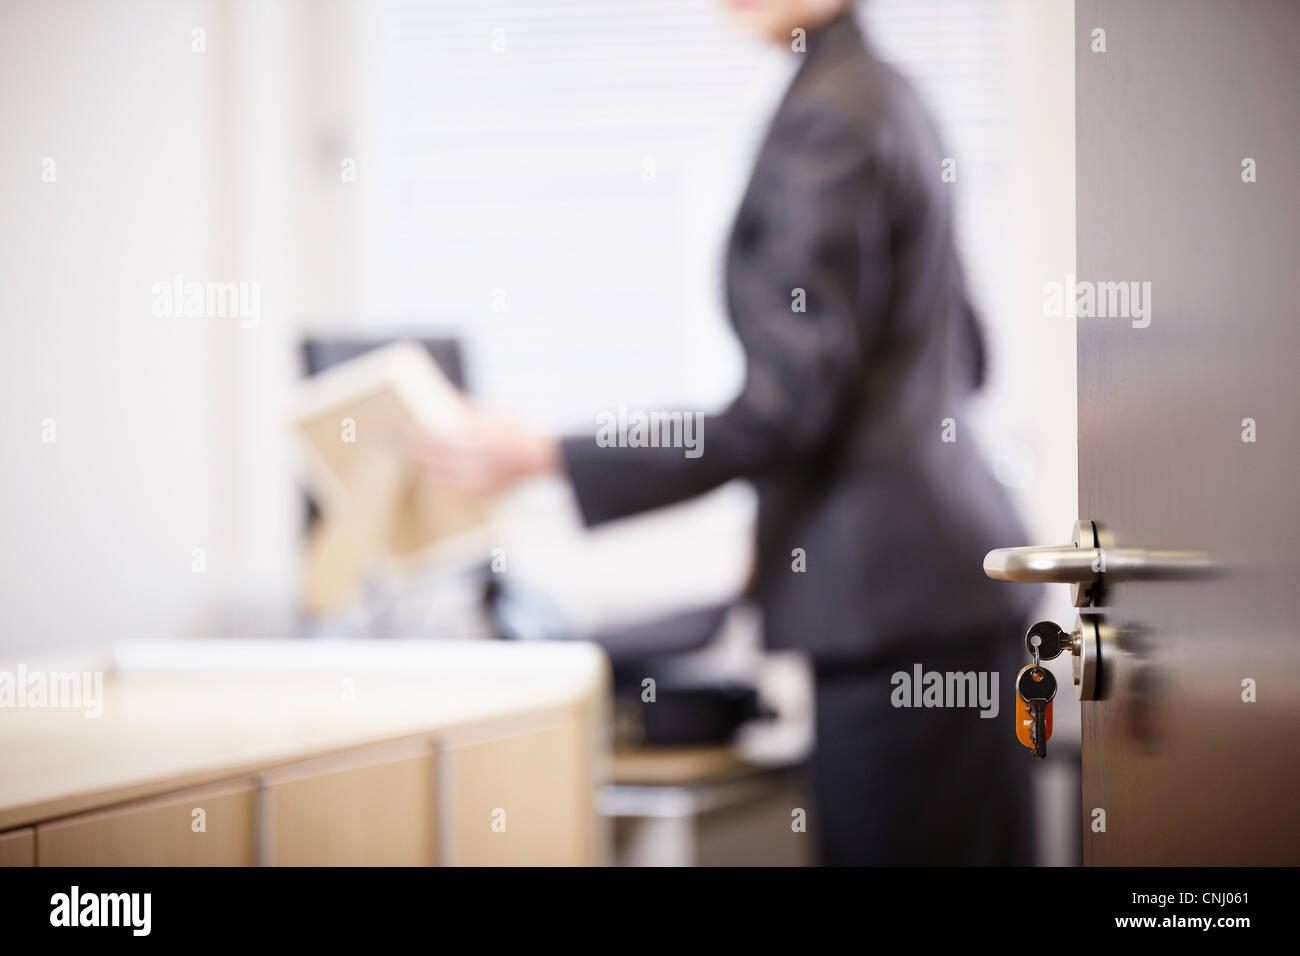 Imprenditrice nel nuovo ufficio, la messa a fuoco su oggetti in primo piano Immagini Stock